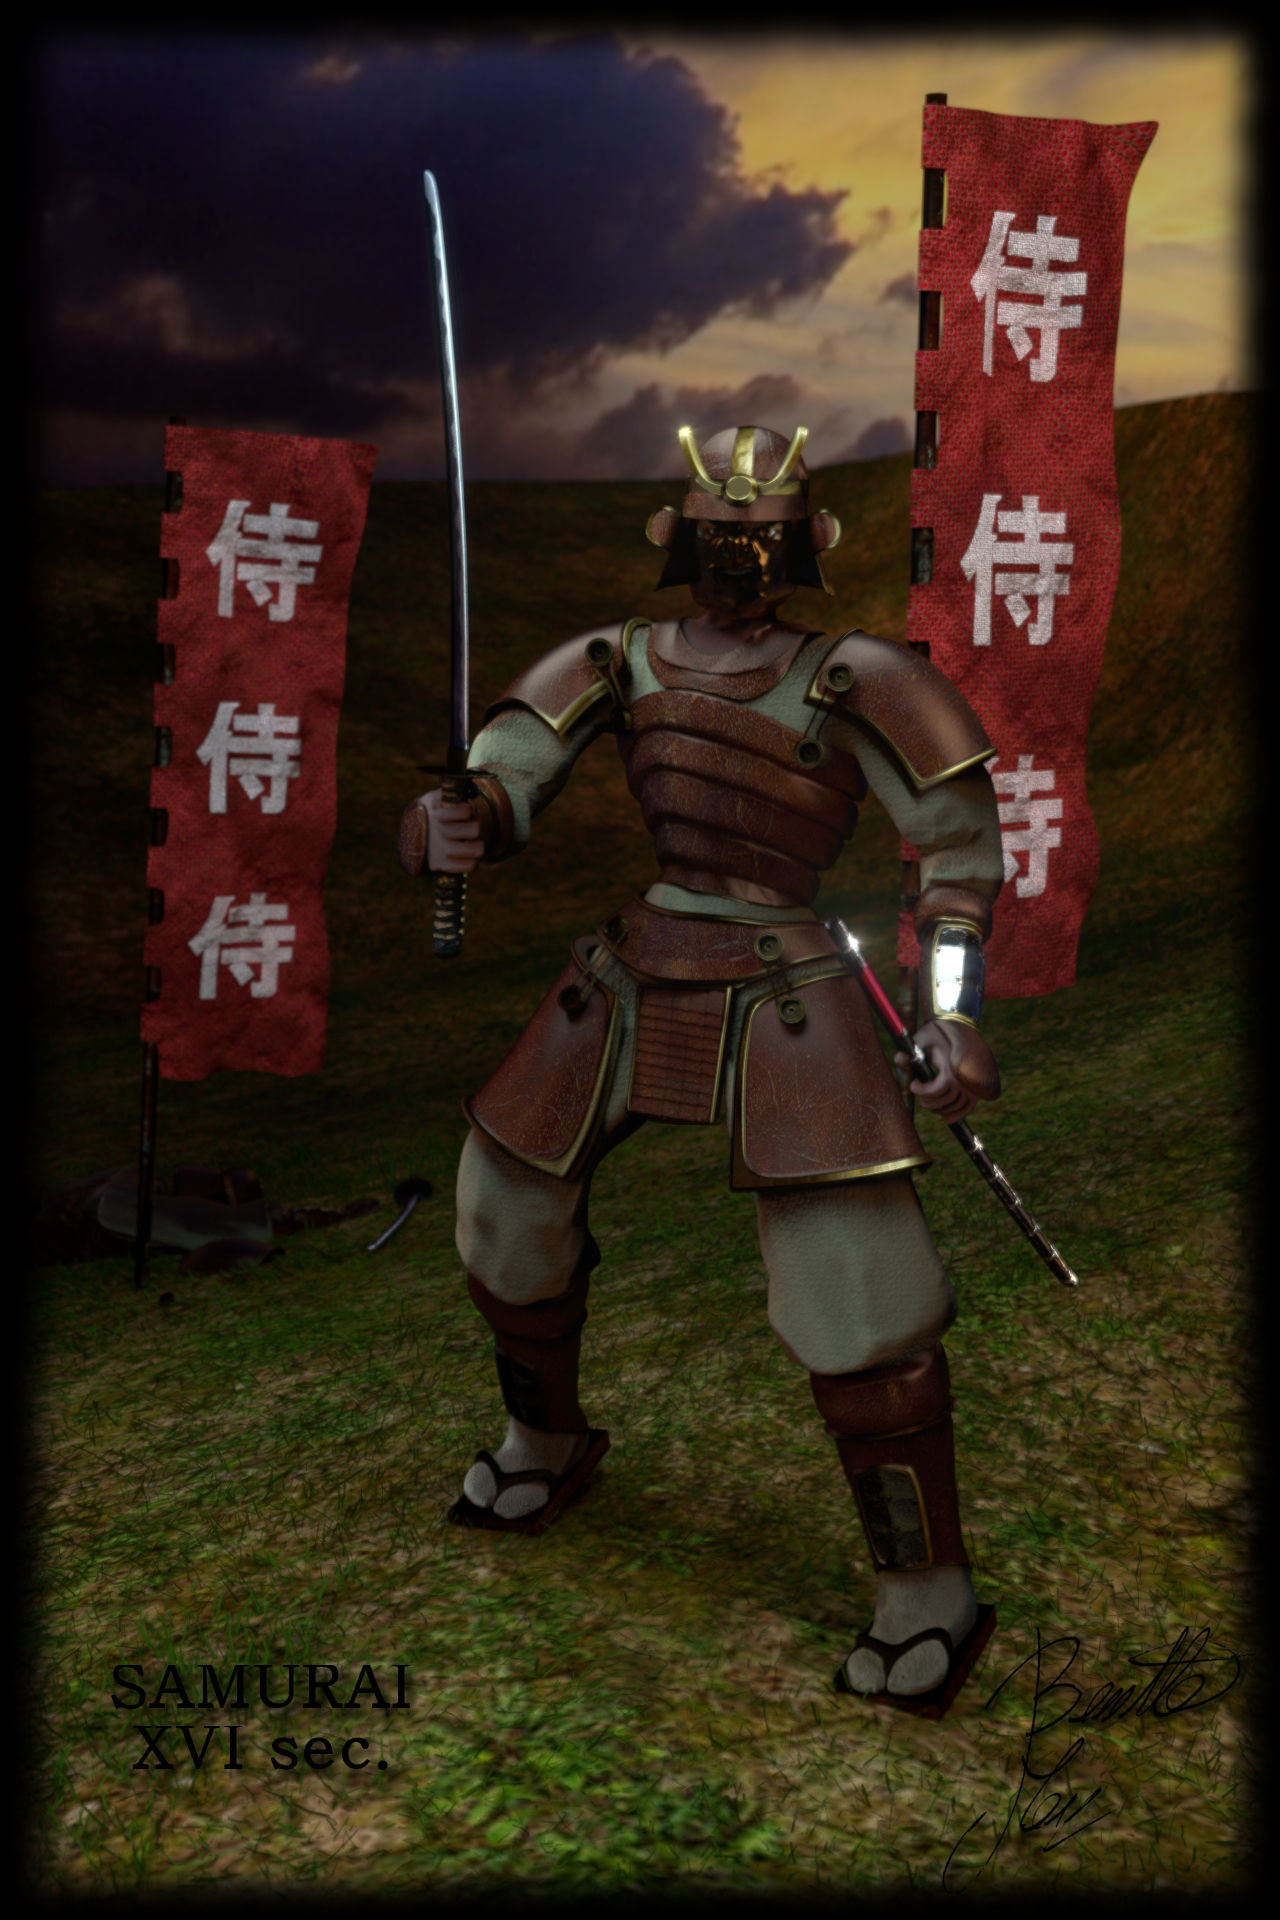 samurailow.jpg